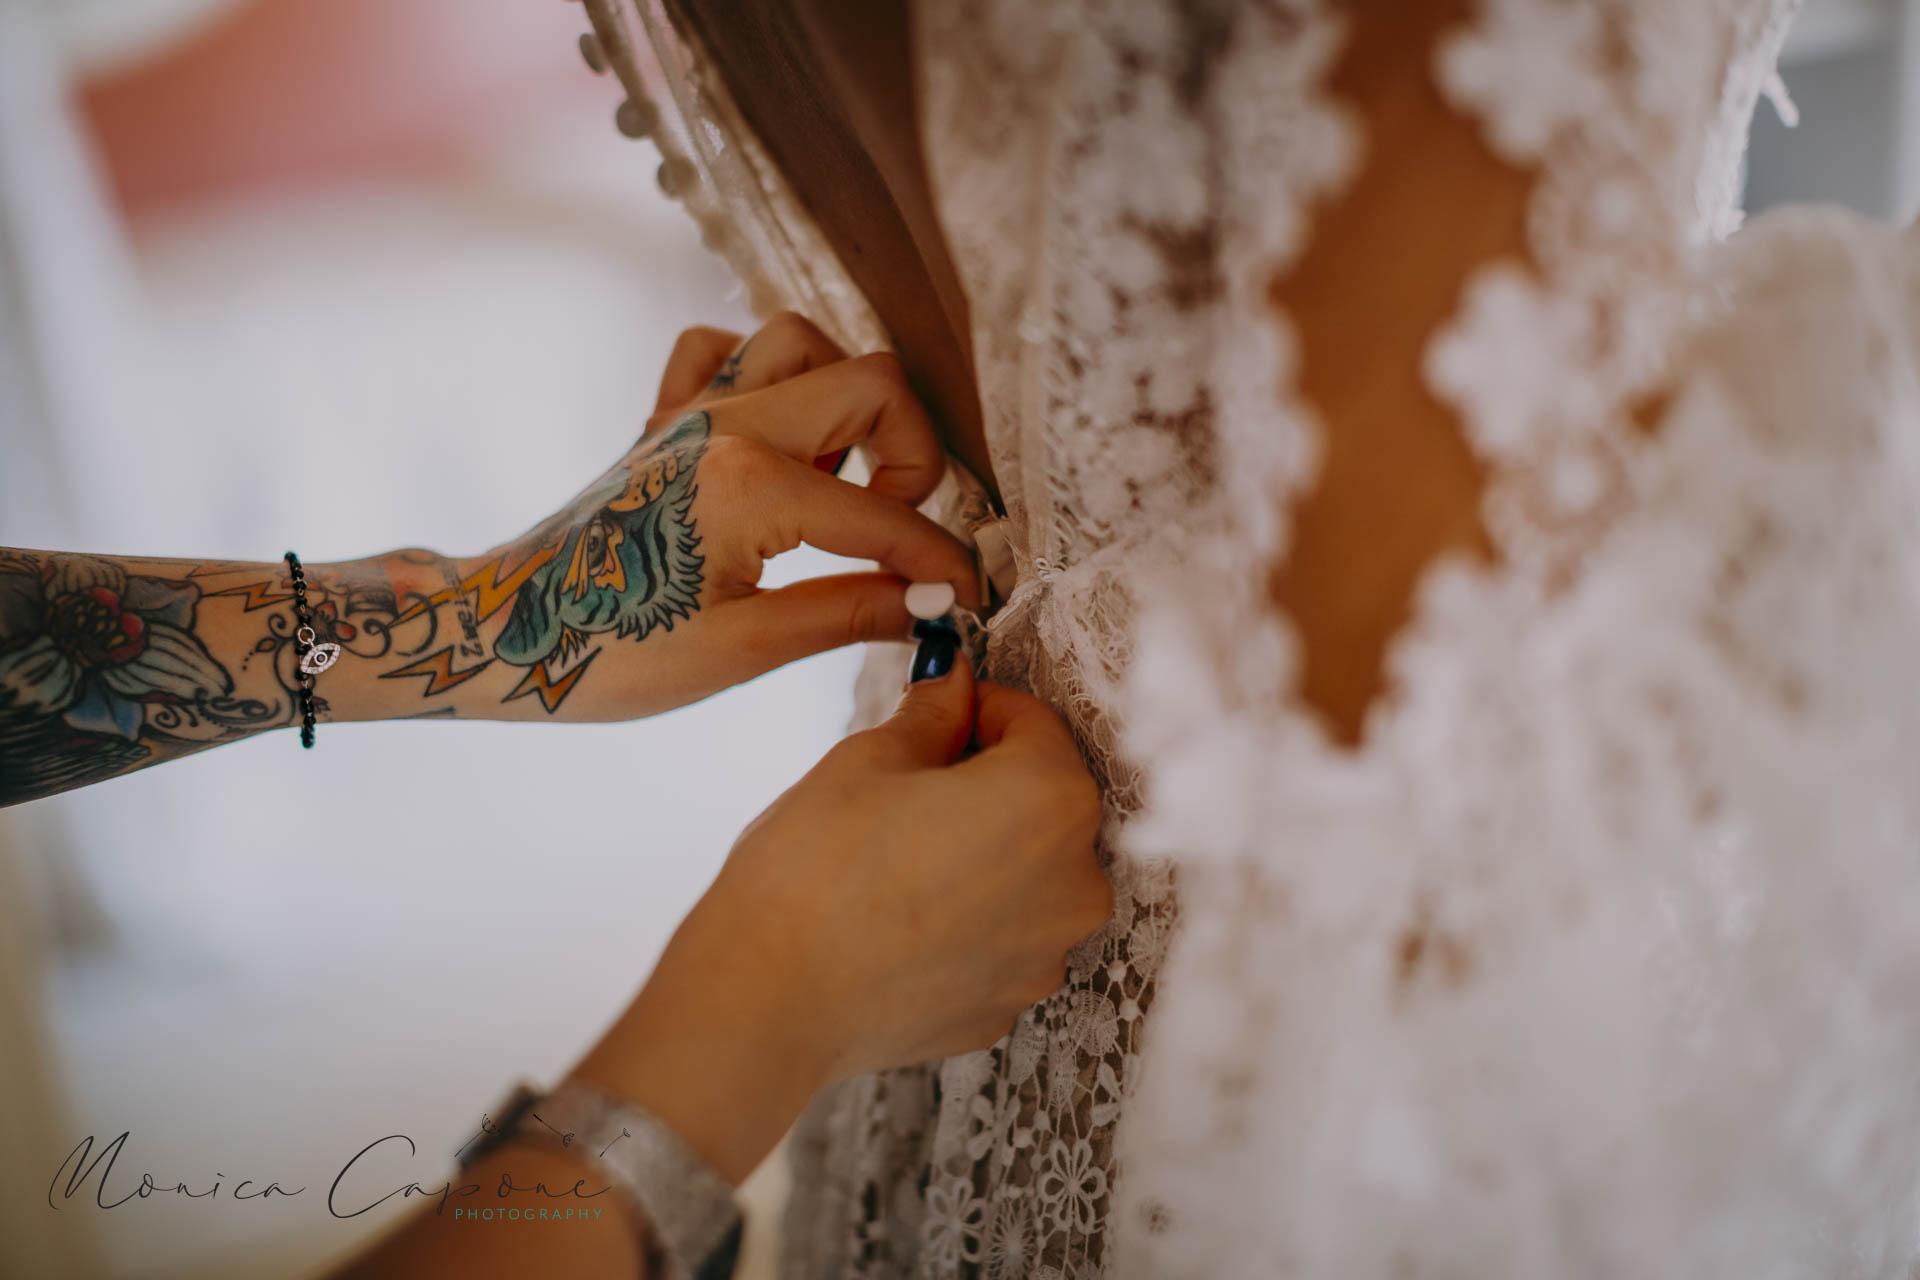 fotografo-matrimonio-reportagistico